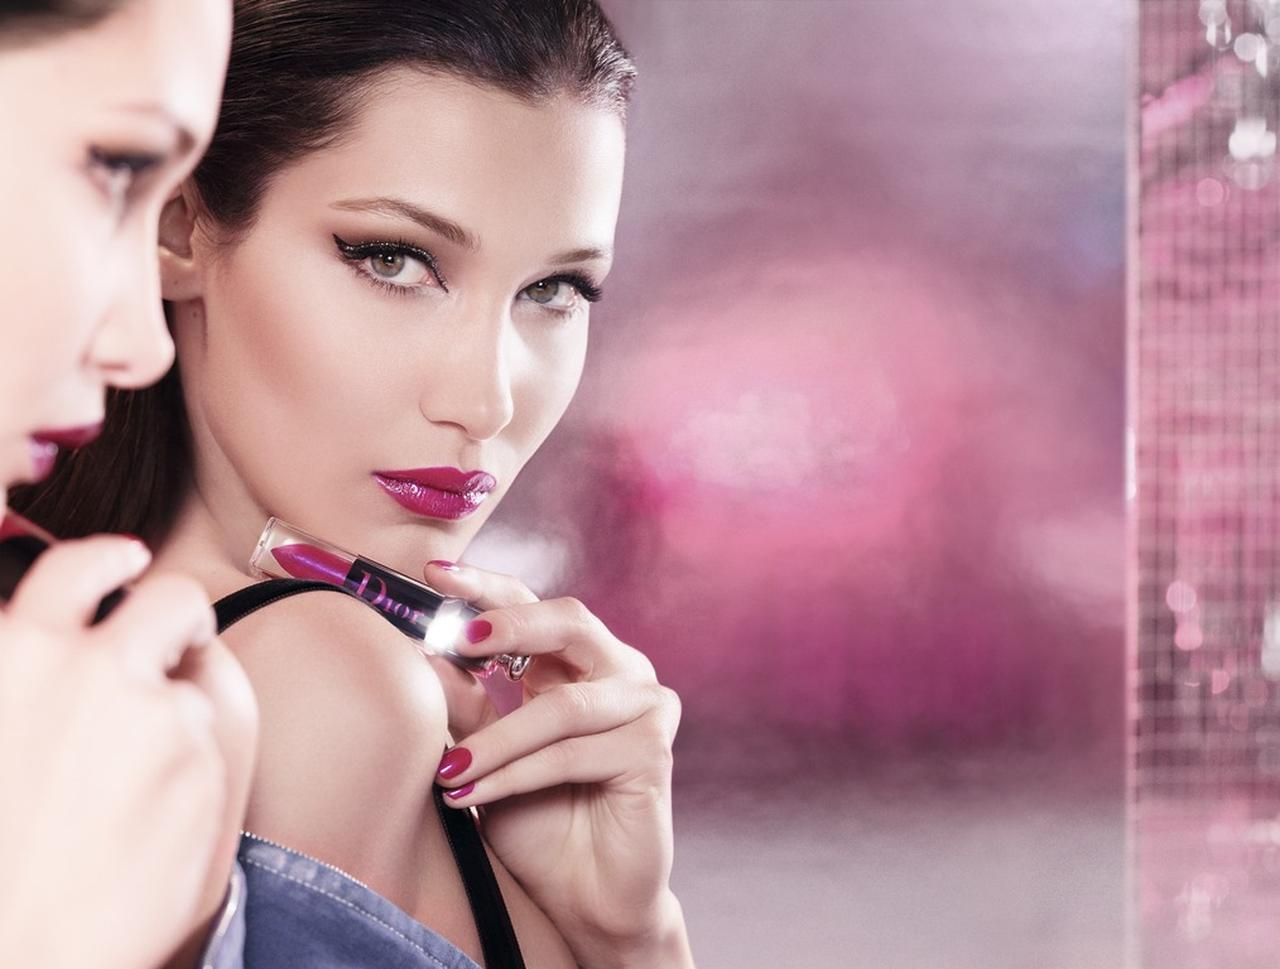 画像2: ディオールから、とろけて、ふっくら唇になるティントが新発売♡